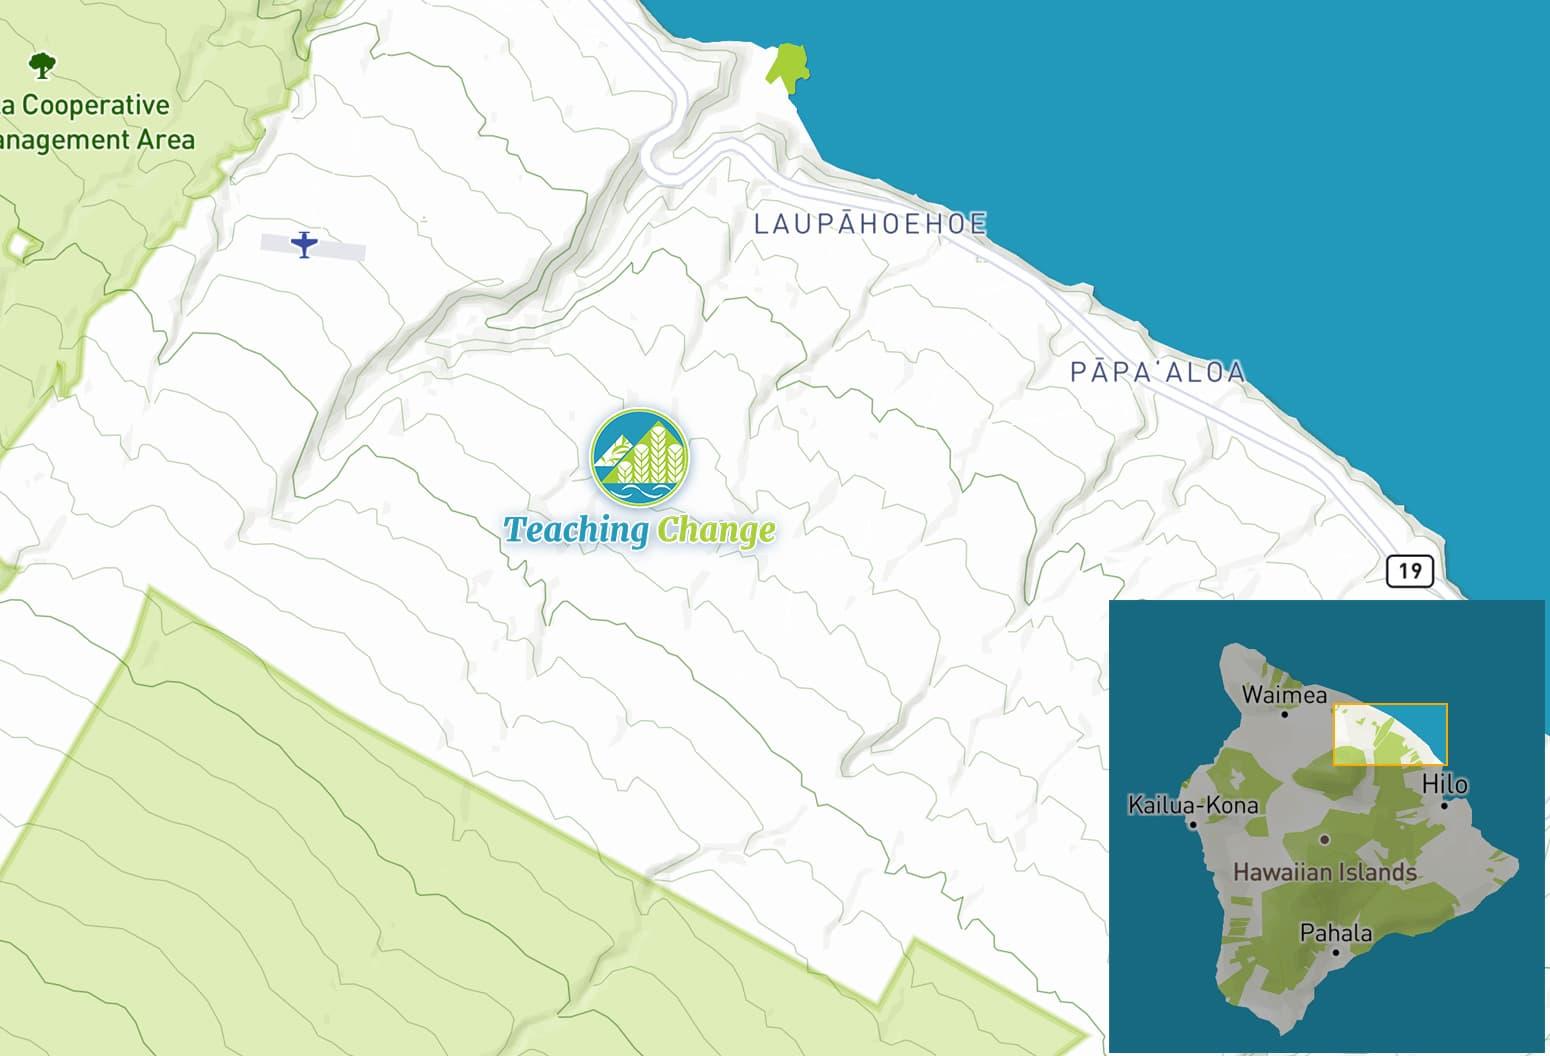 Laupahoehoe map